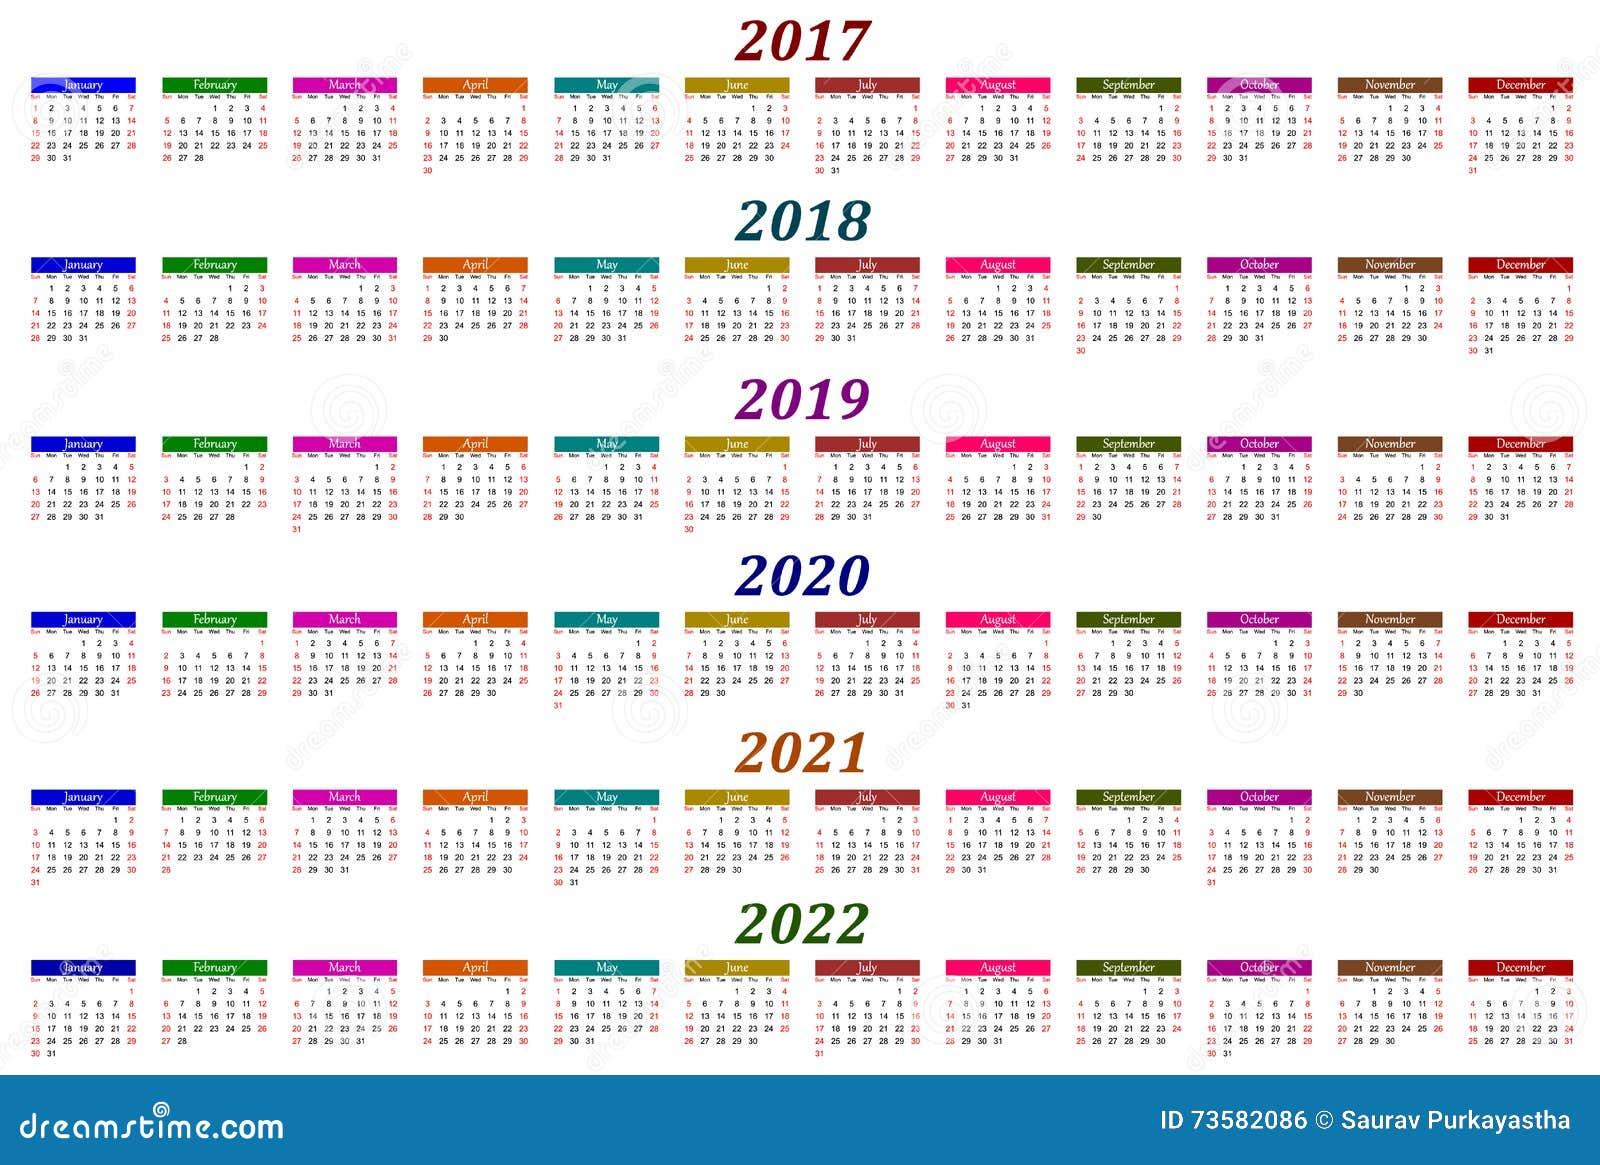 Calendrier 2017 2021 2022 Calendrier De Six Ans   2017, 2018, 2019, 2020, 2021 Et 2022